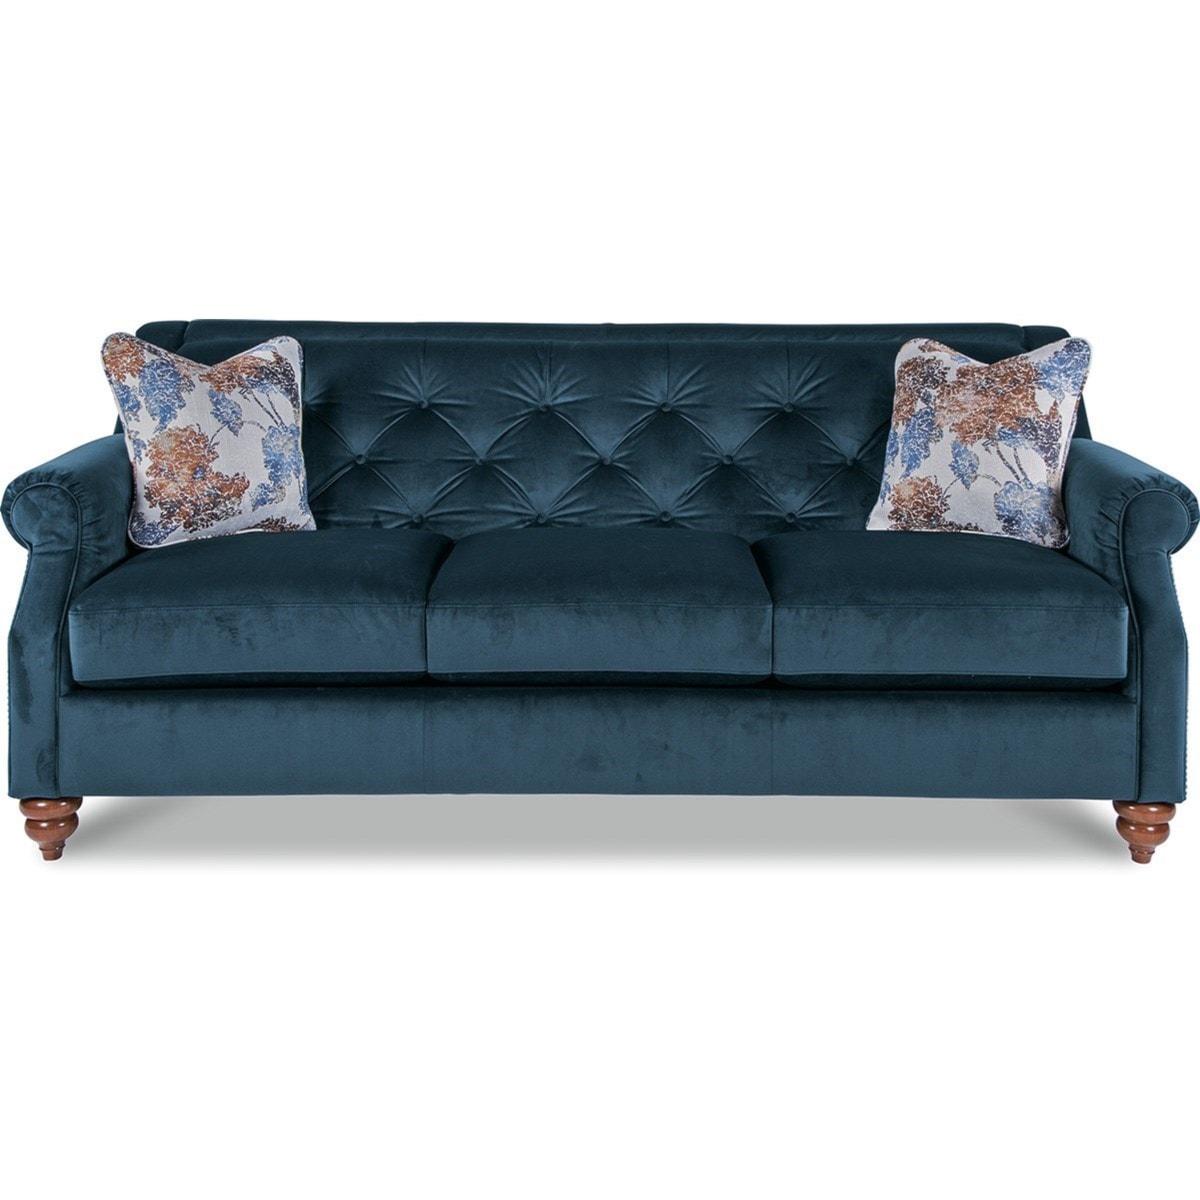 Sofas Aberdeen Sofa Beds Aberdeen Memsaheb - TheSofa